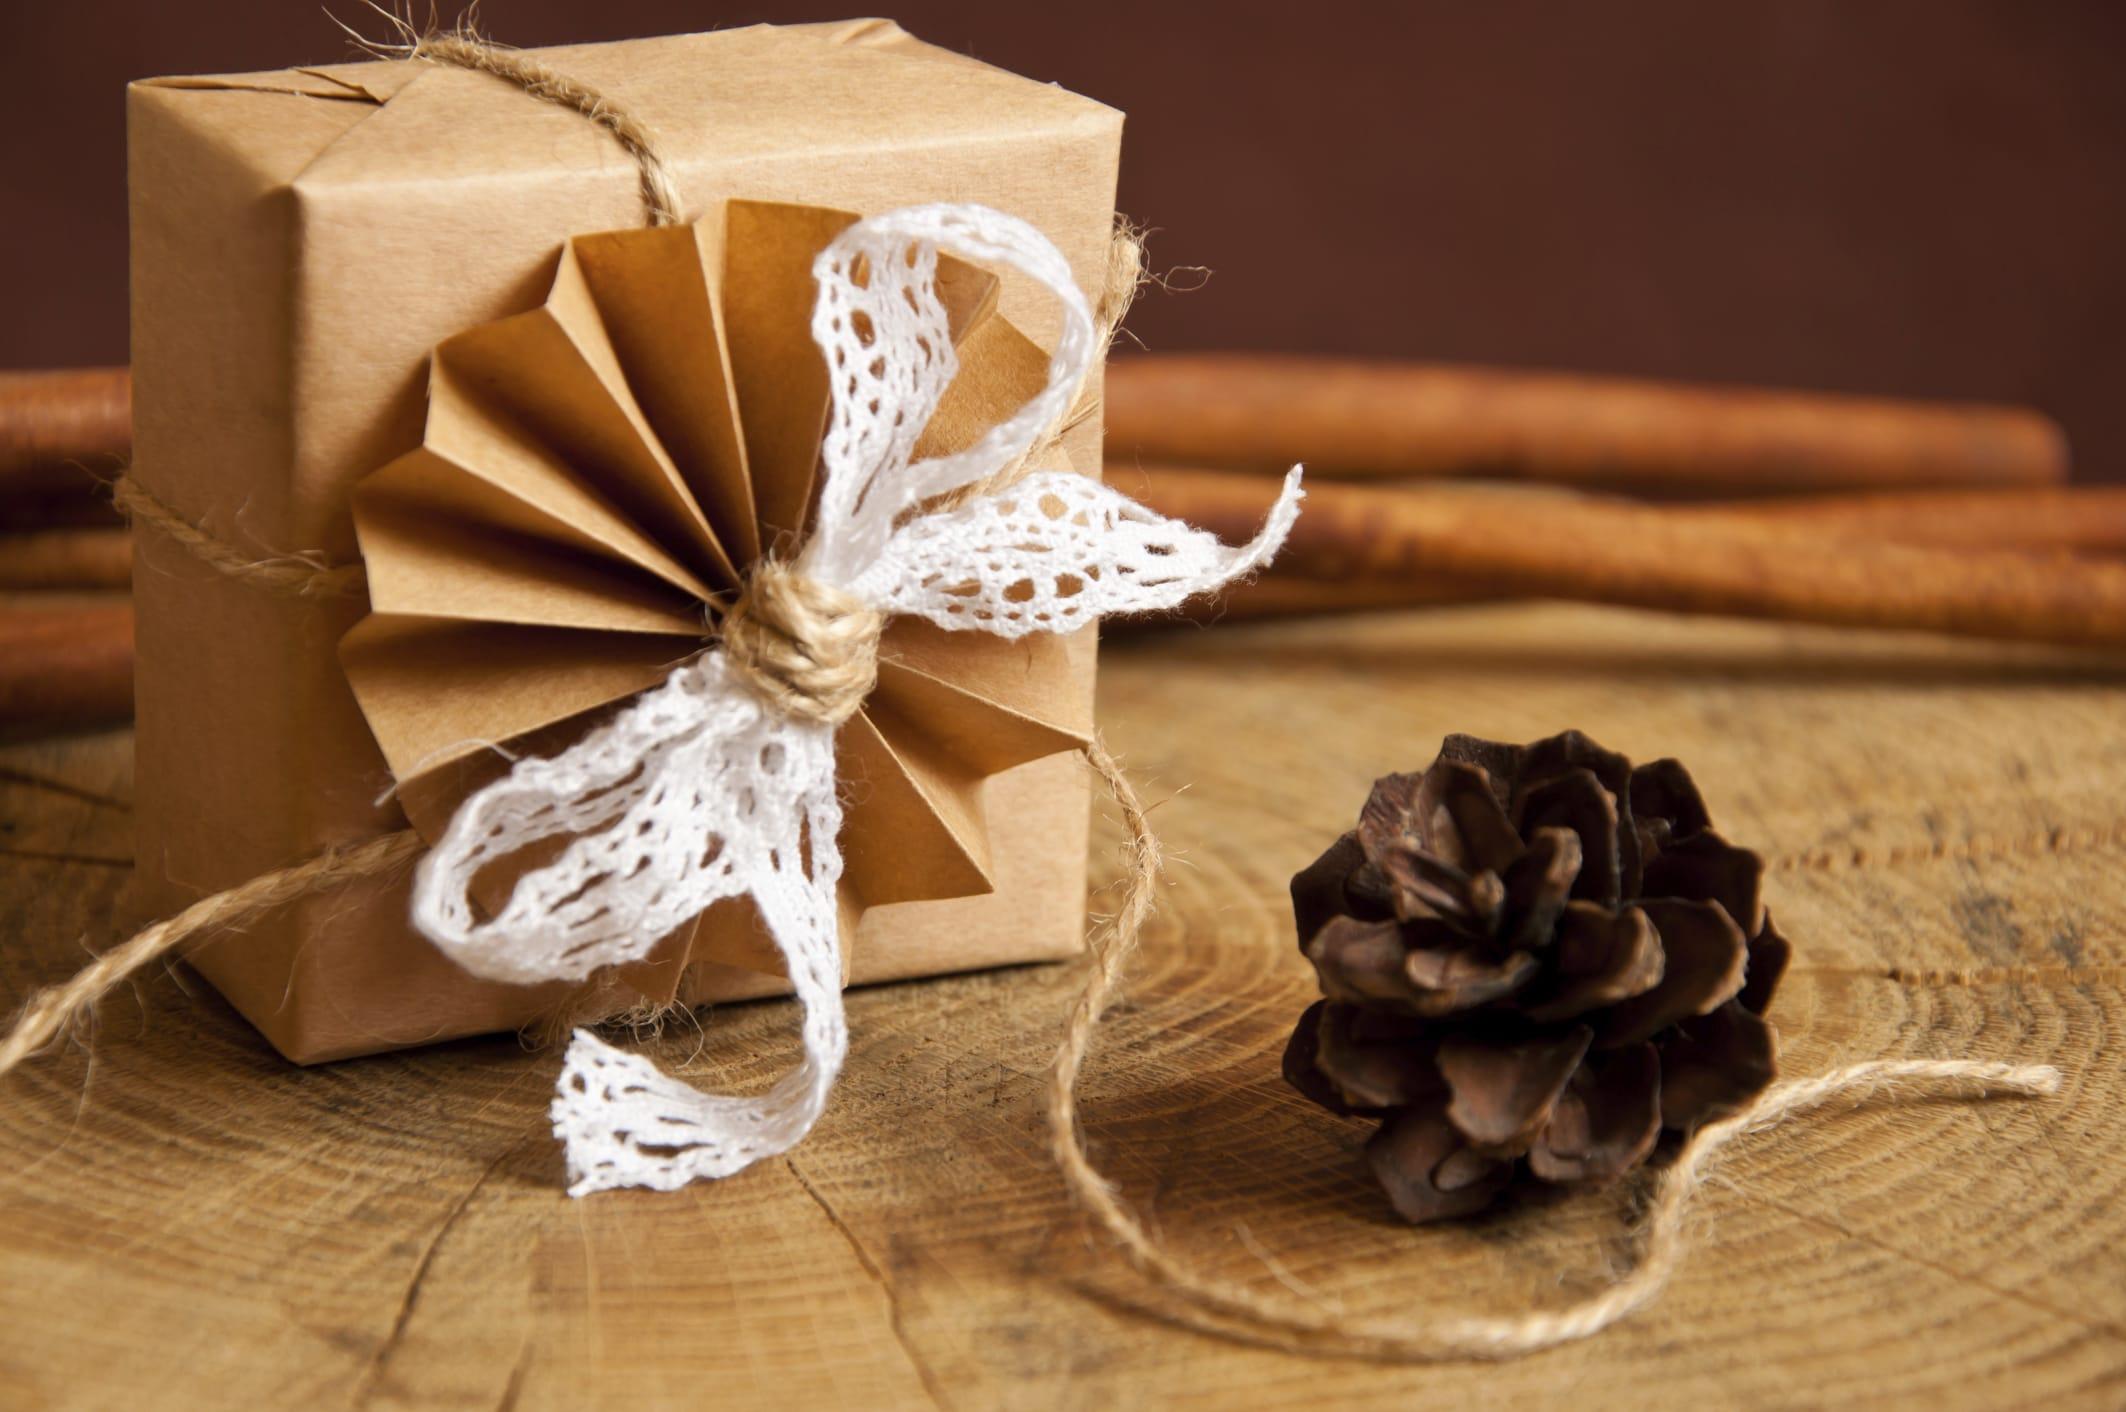 abbastanza Carta regalo fai da te | Foto - Non sprecare TN21